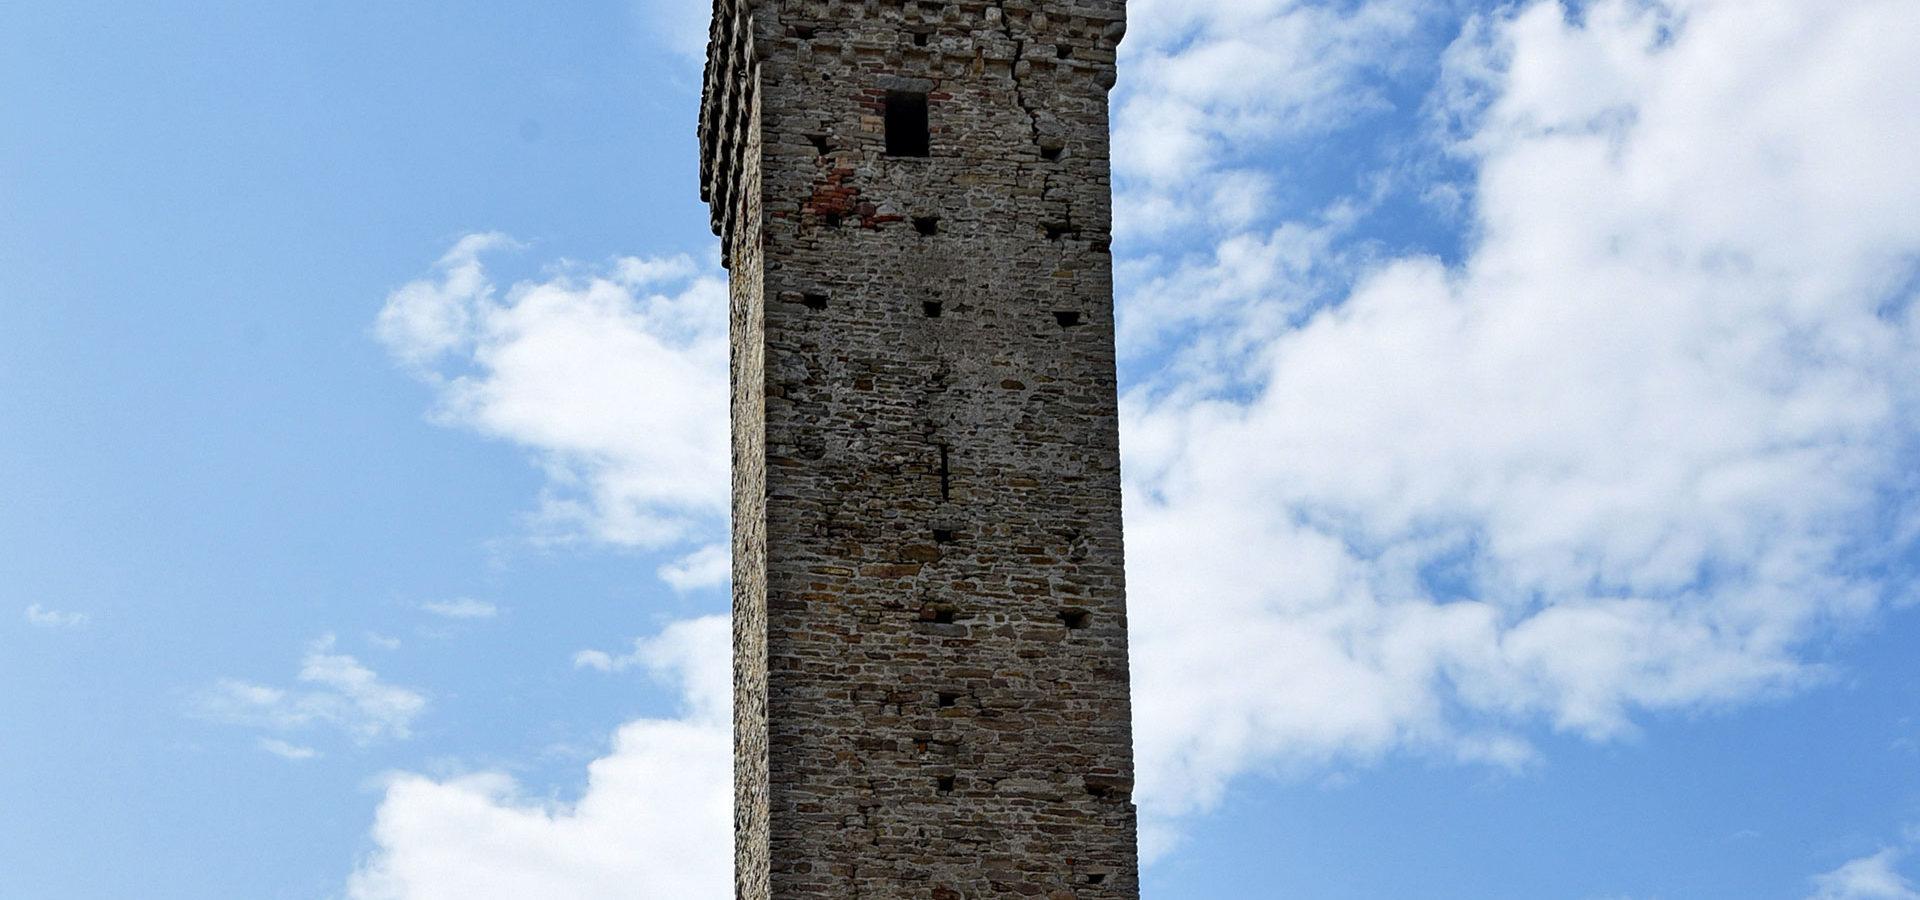 torre-rocca-ciglie-6